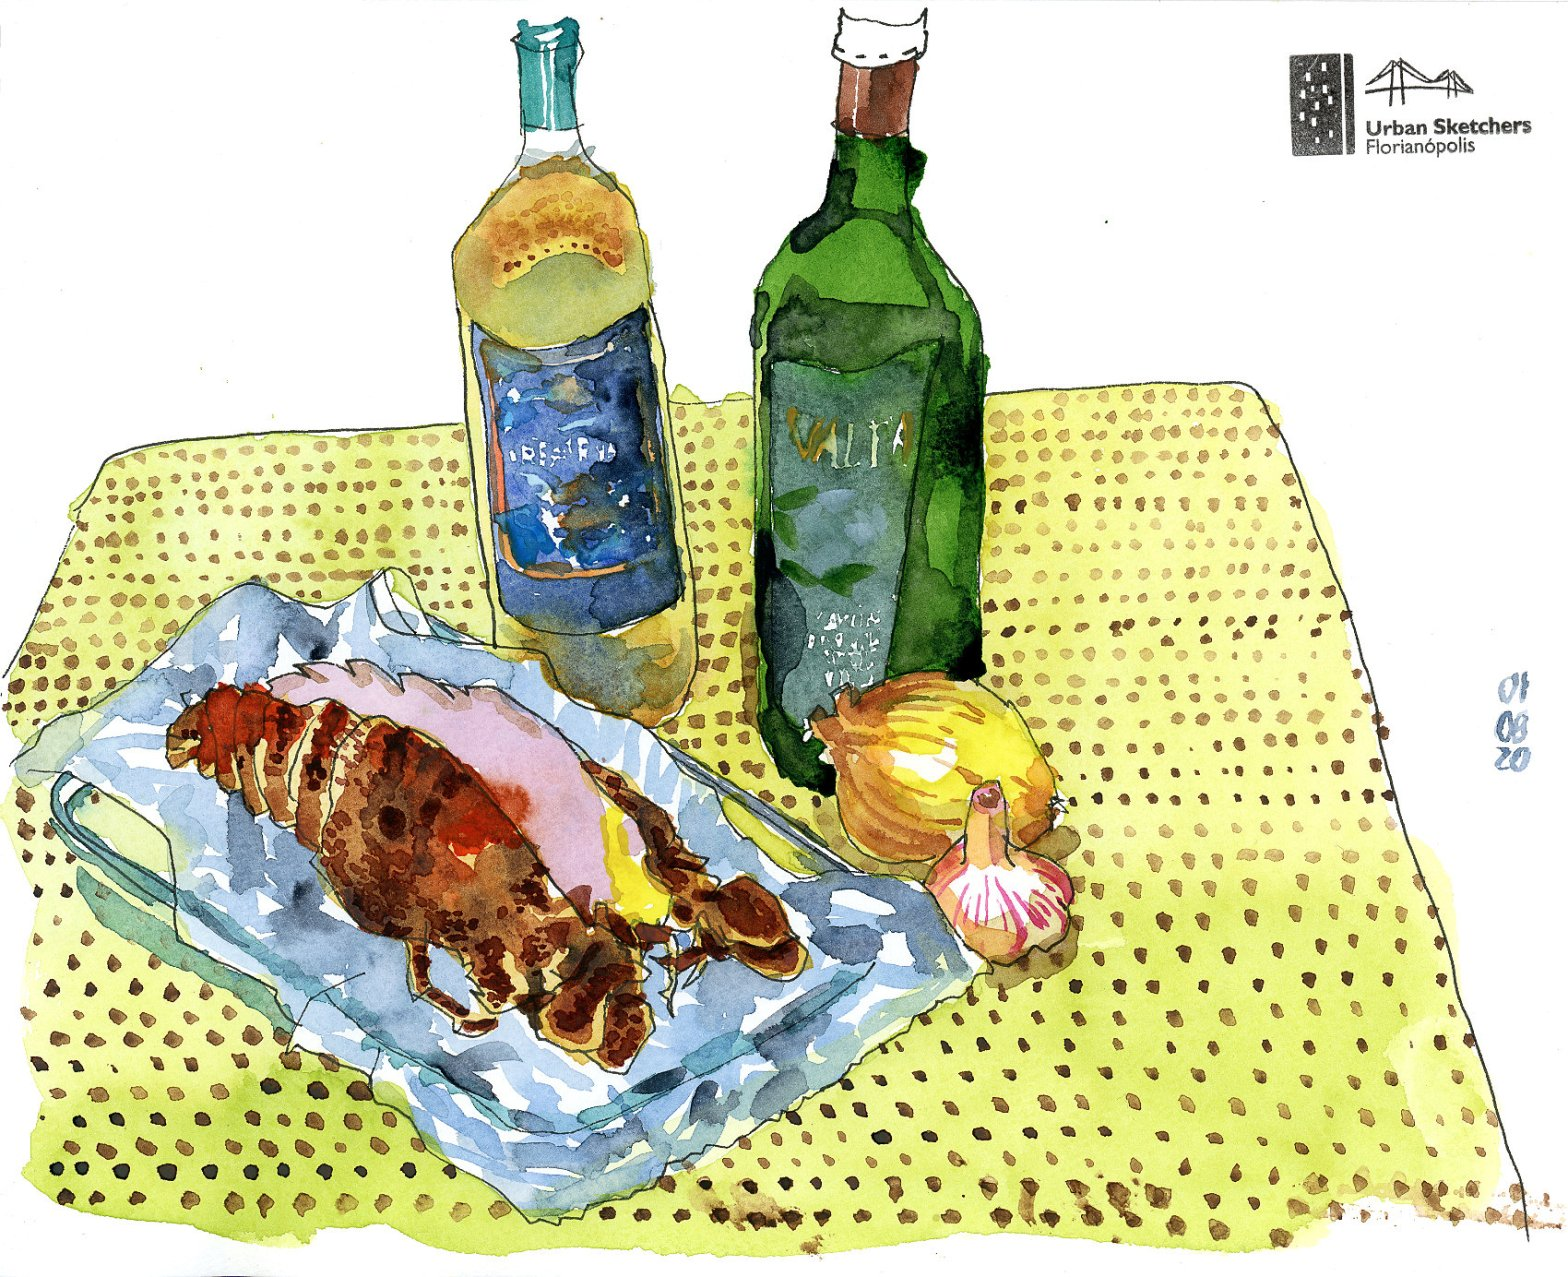 Desenho em aquarela de uma lagosta serrada ao meio com cebola, alho e duas garrafas ao fundo